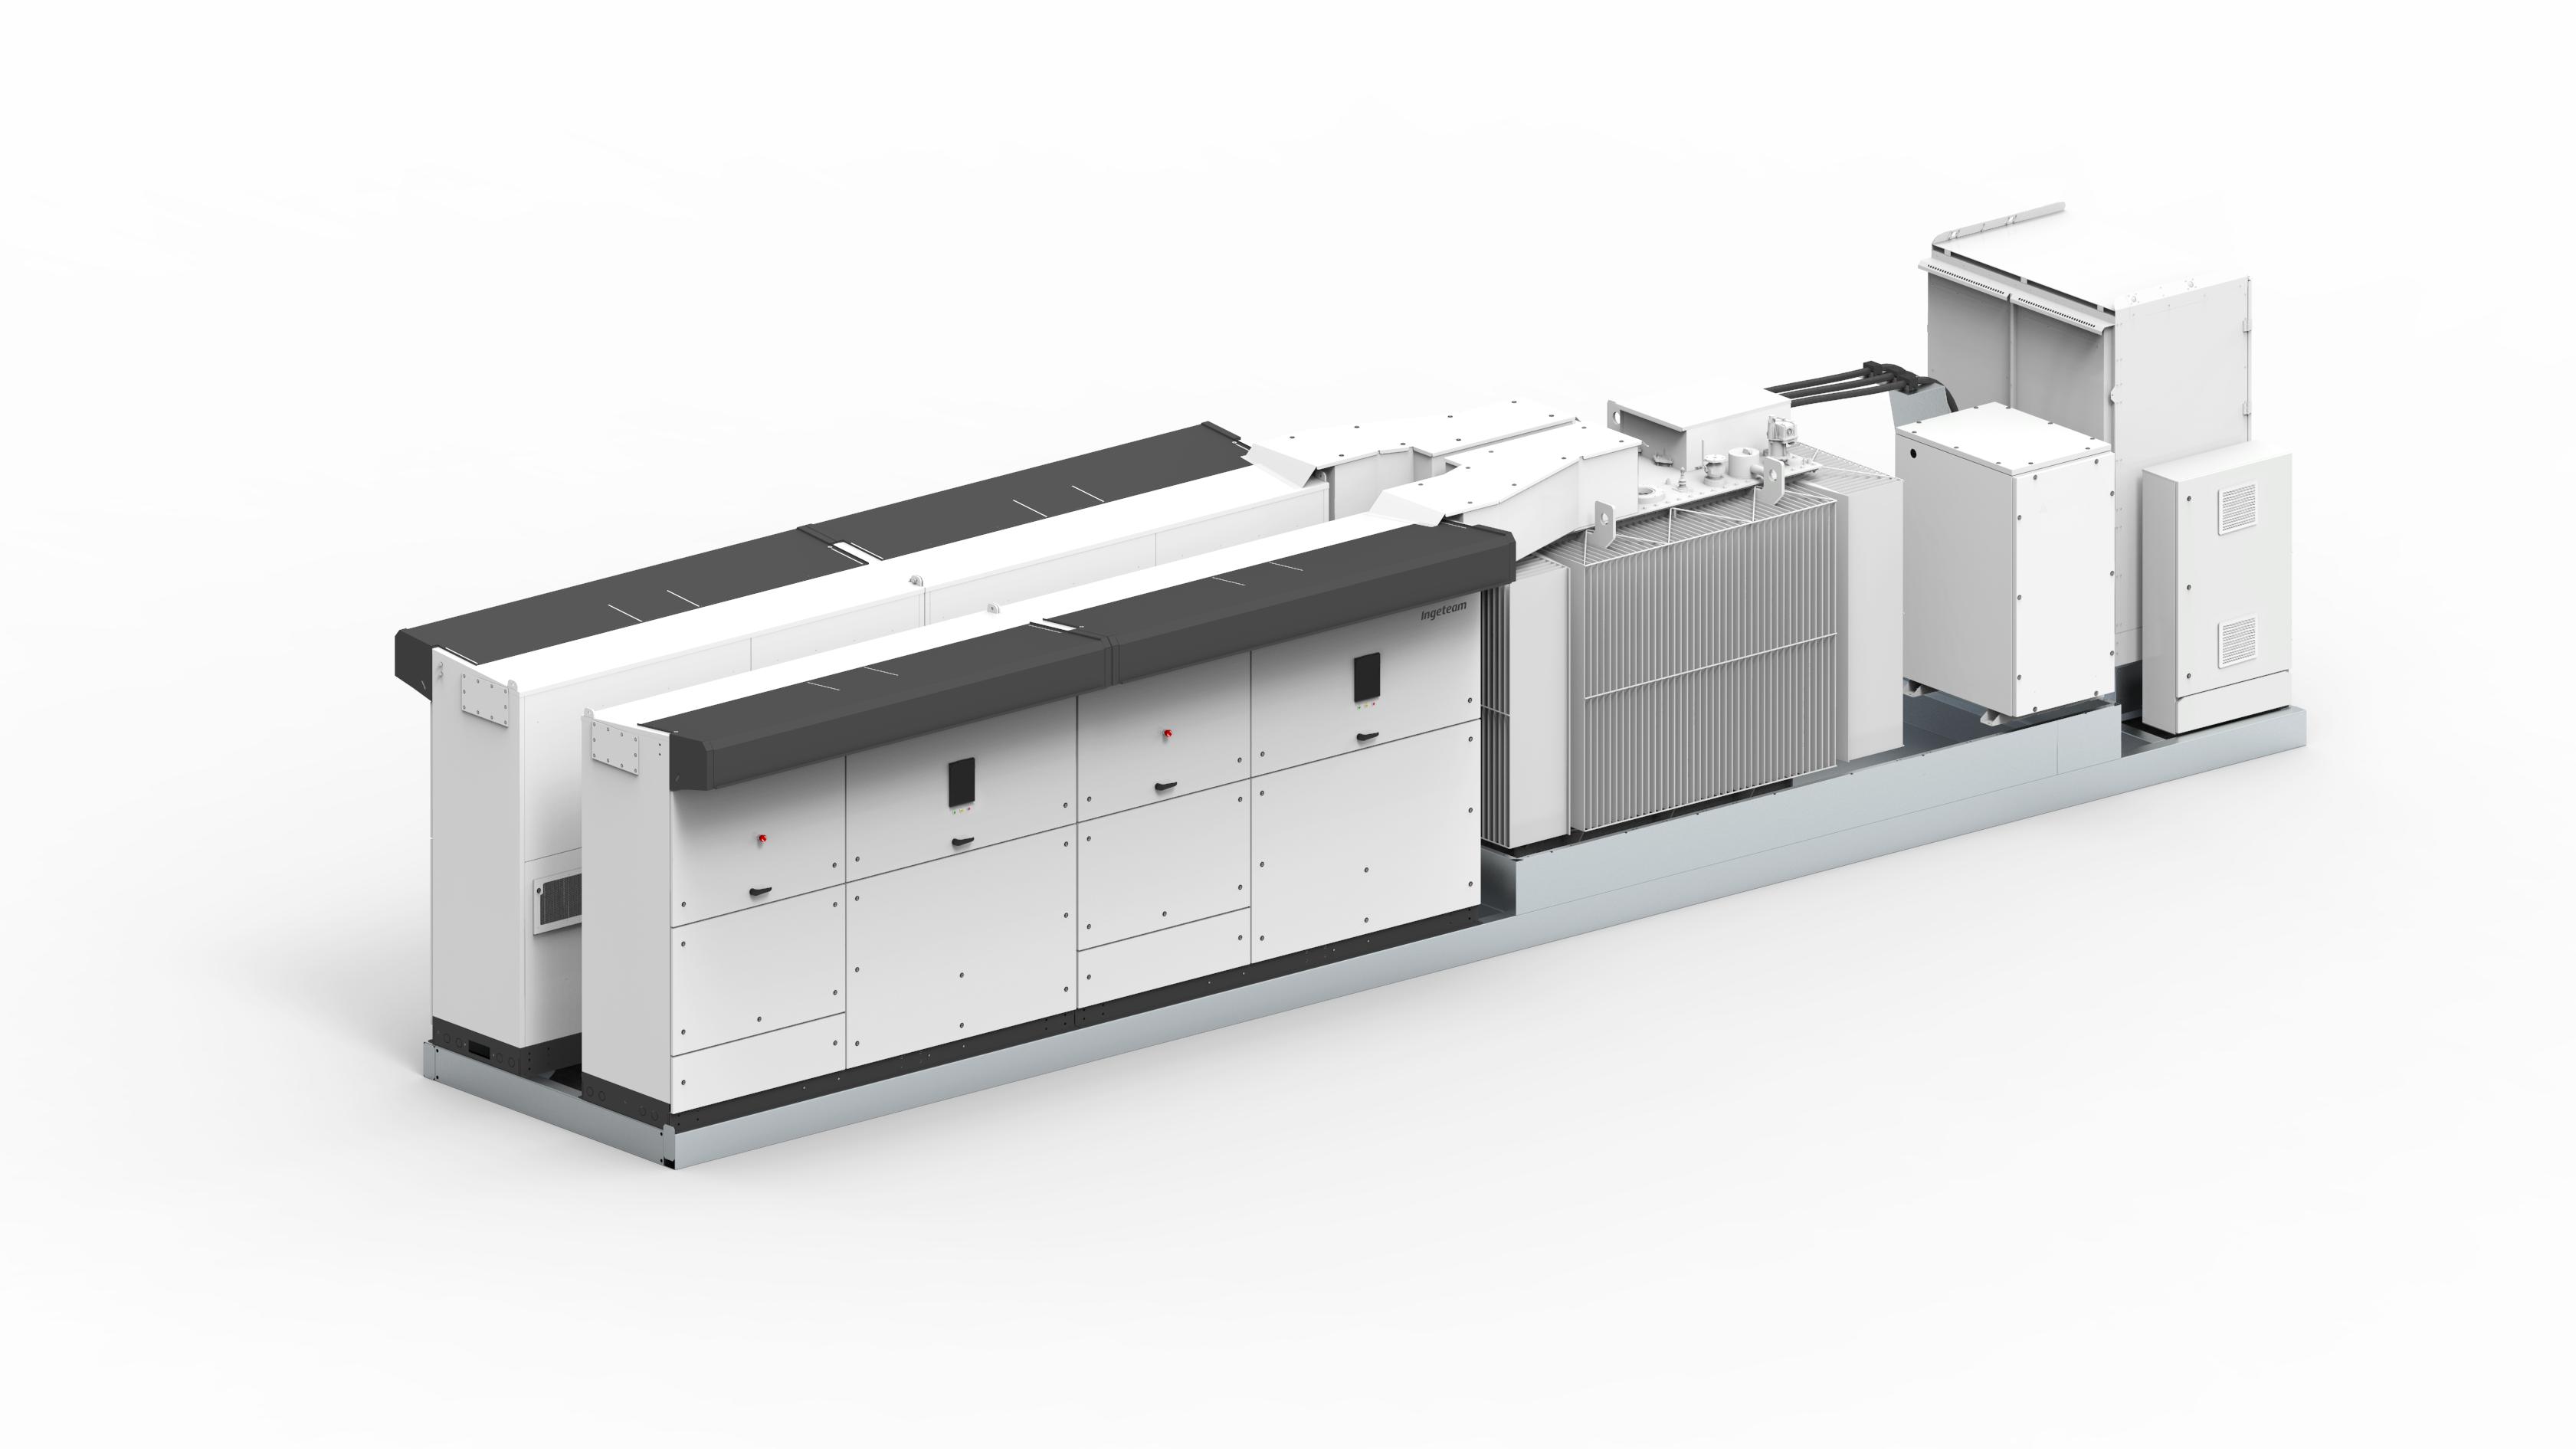 Nueva power station de Ingeteam para plantas solares y sistemas de almacenamiento a gran escala